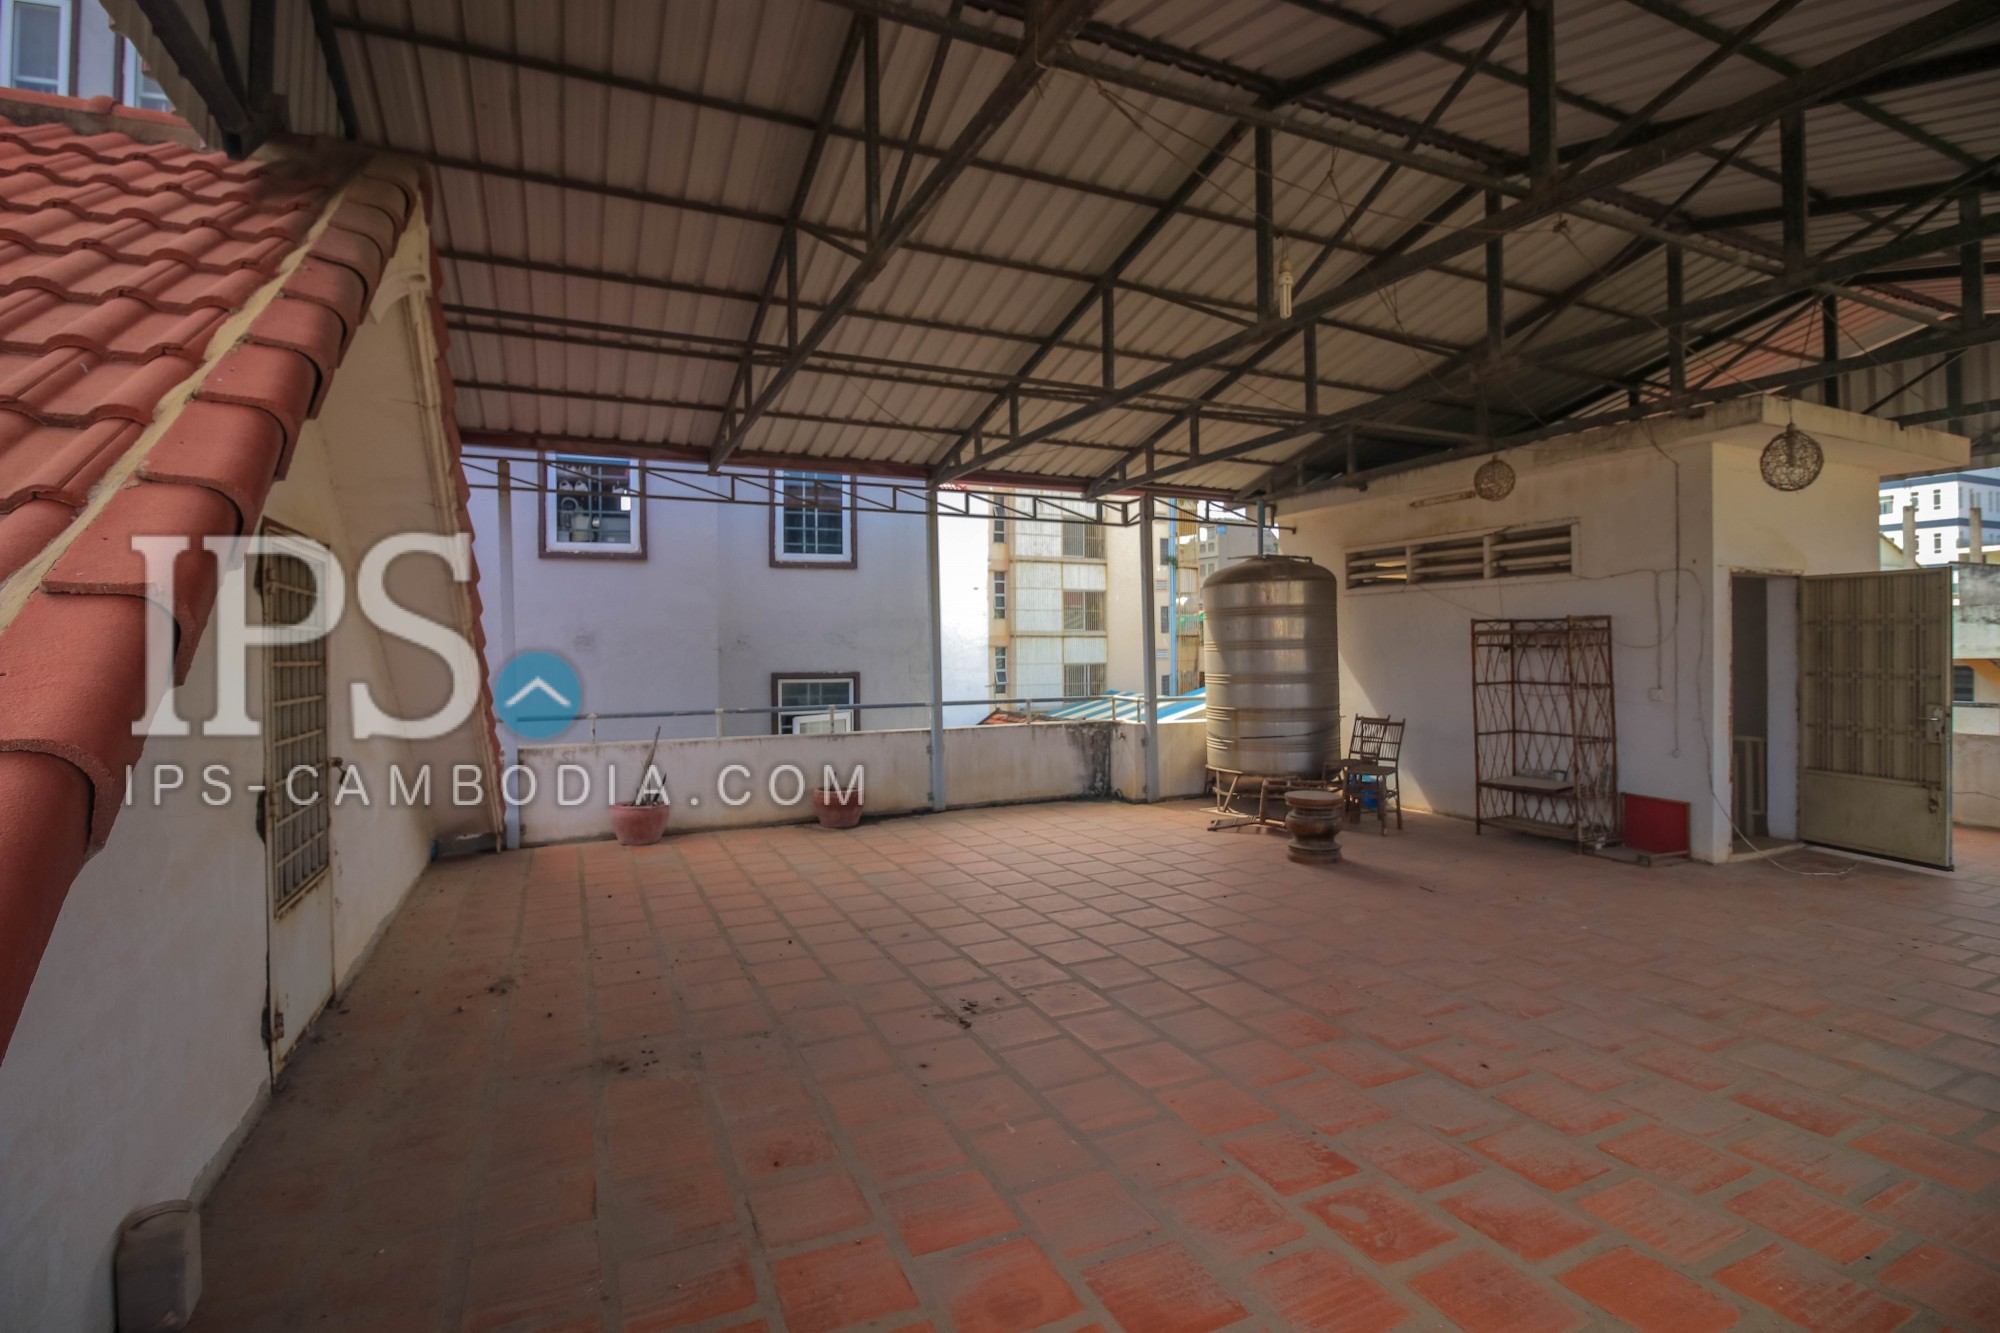 5 Bedroom Colonial Villa For Rent - BKK3, Phnom Penh